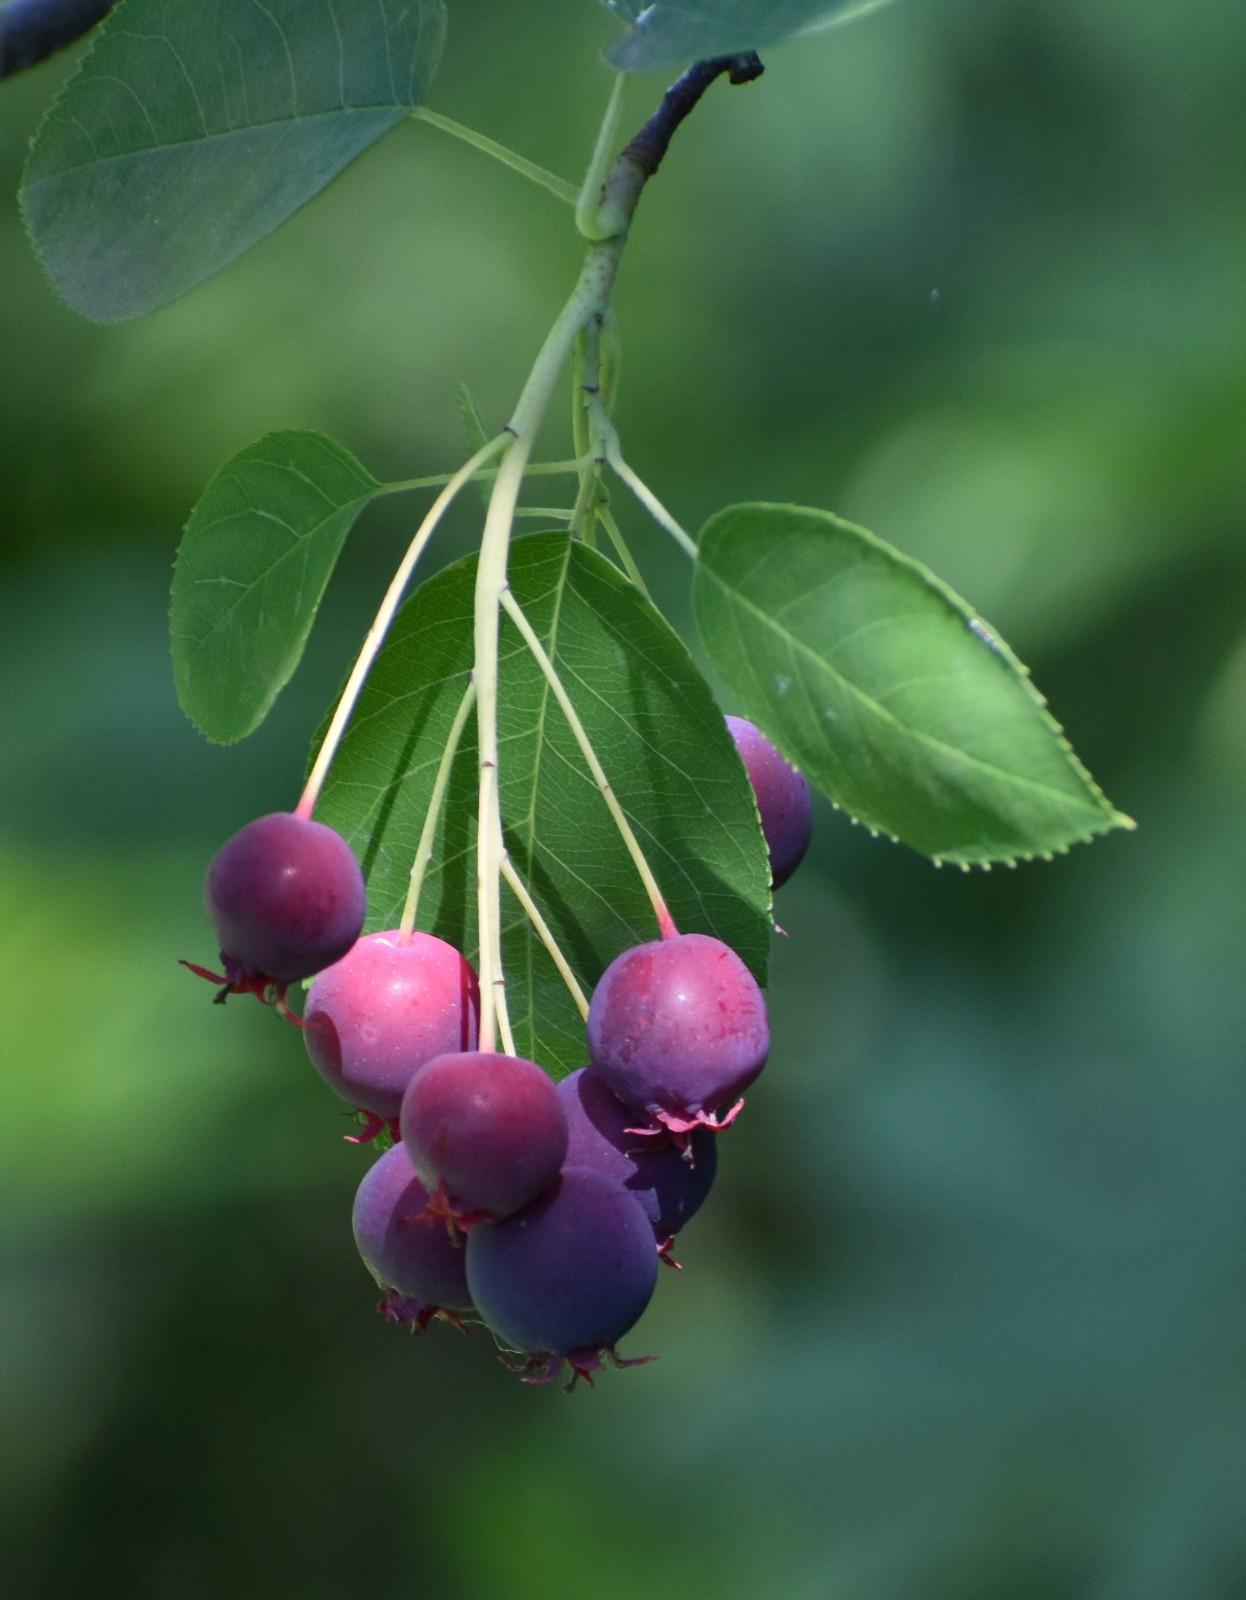 花楸树的果实_图1-6